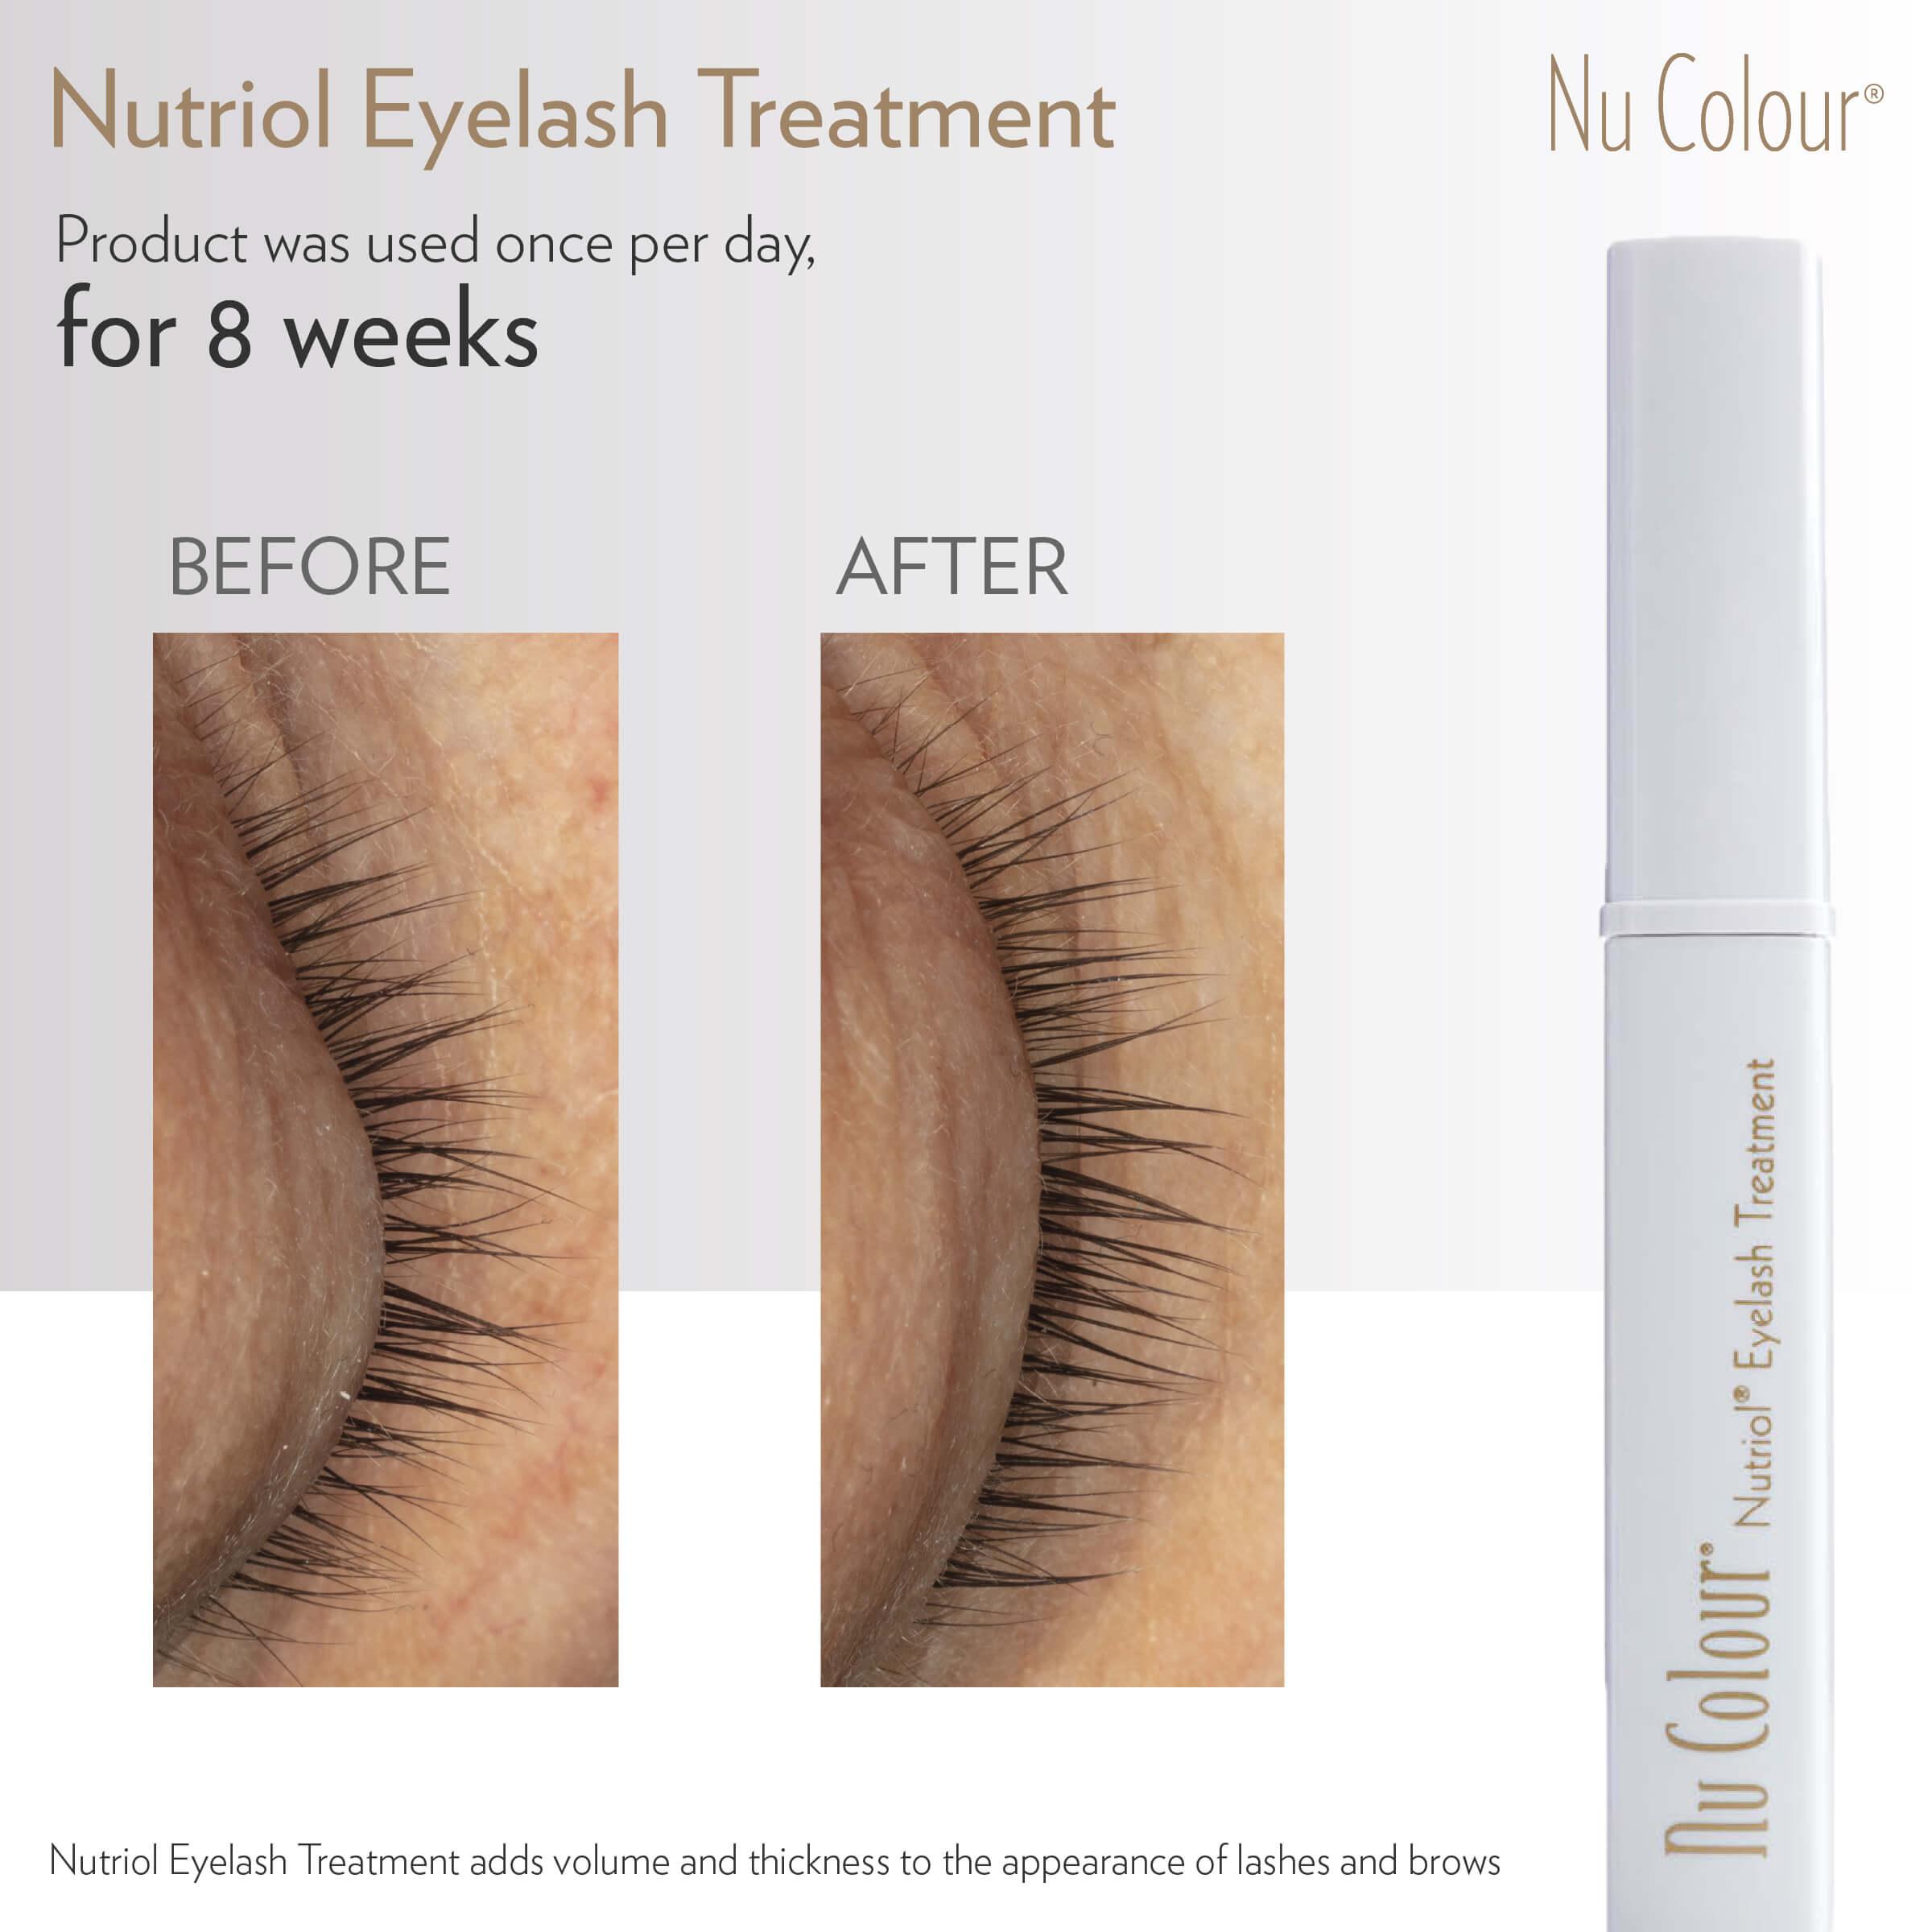 B-A-Nutriol-Eyelash-Treatment-1